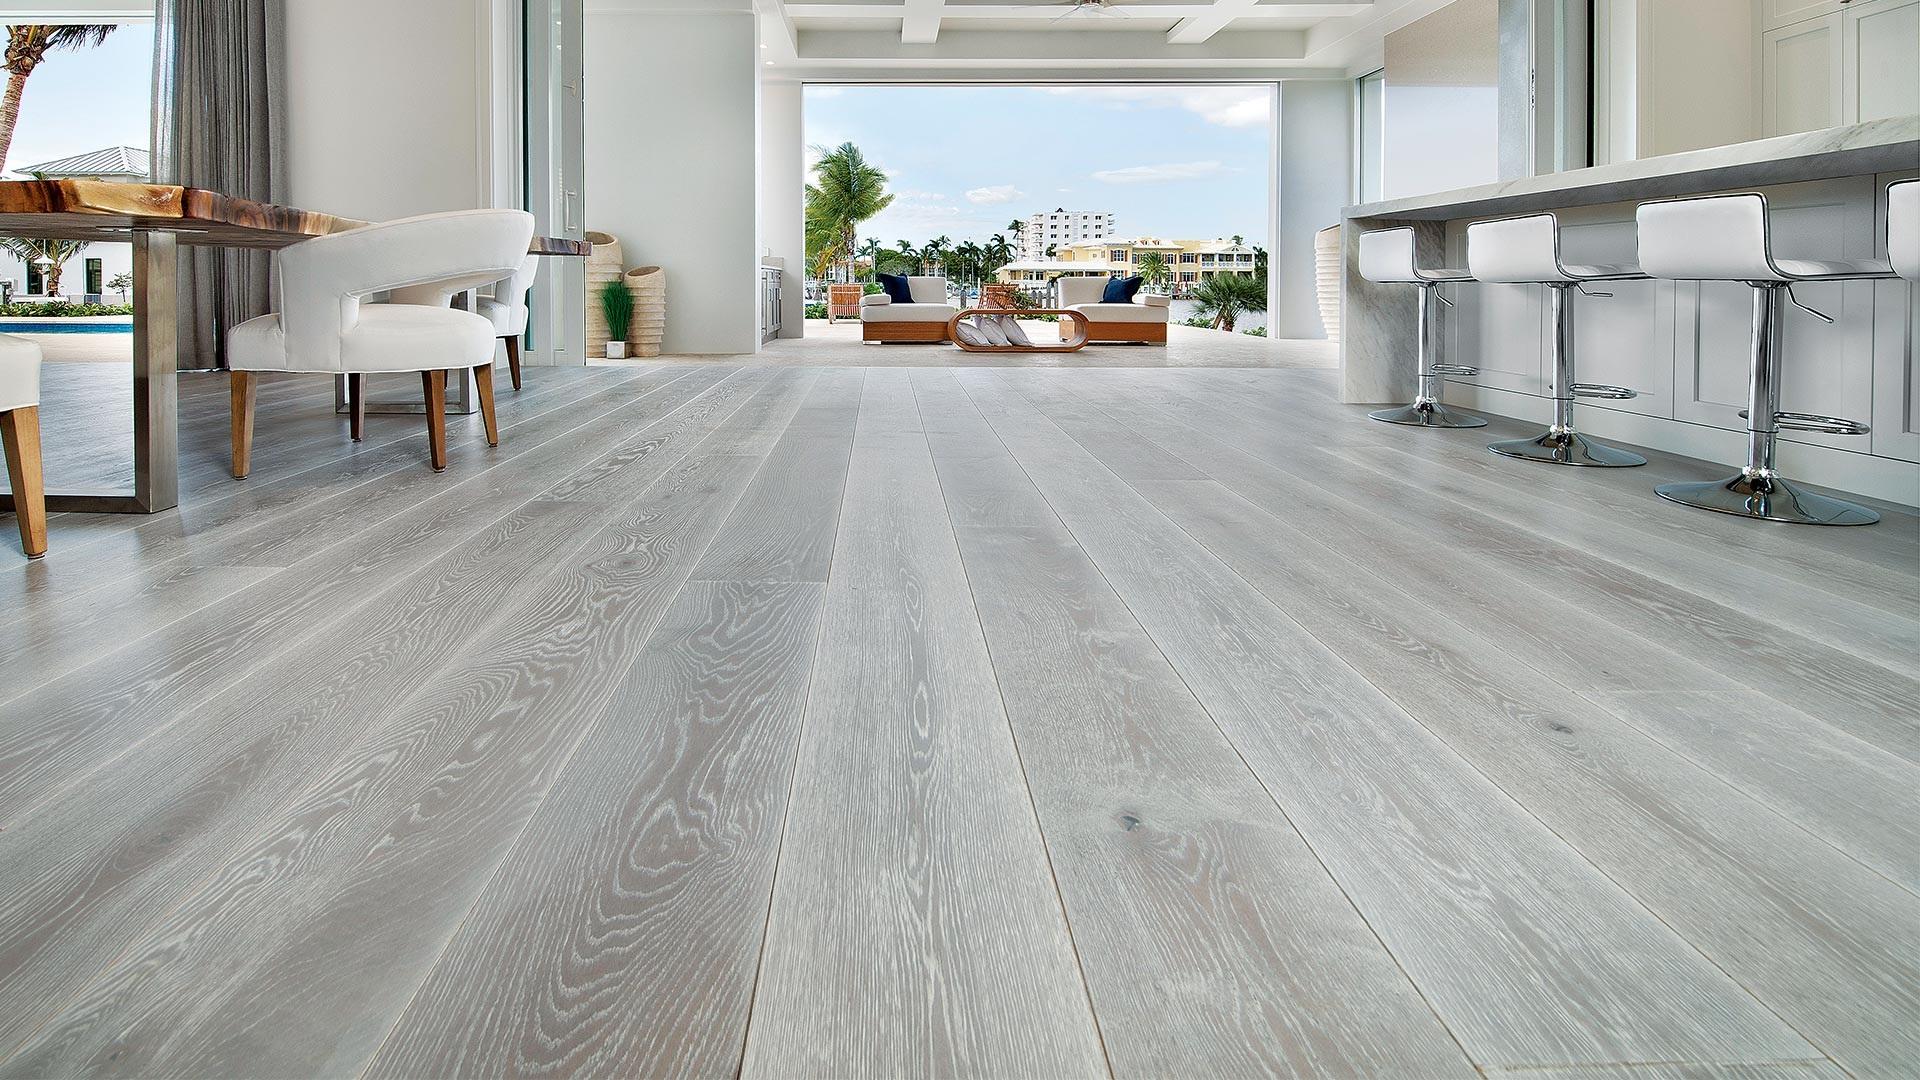 Tarkett Laminate Flooring Means Slip, Tarkett Laminate Flooring Problems